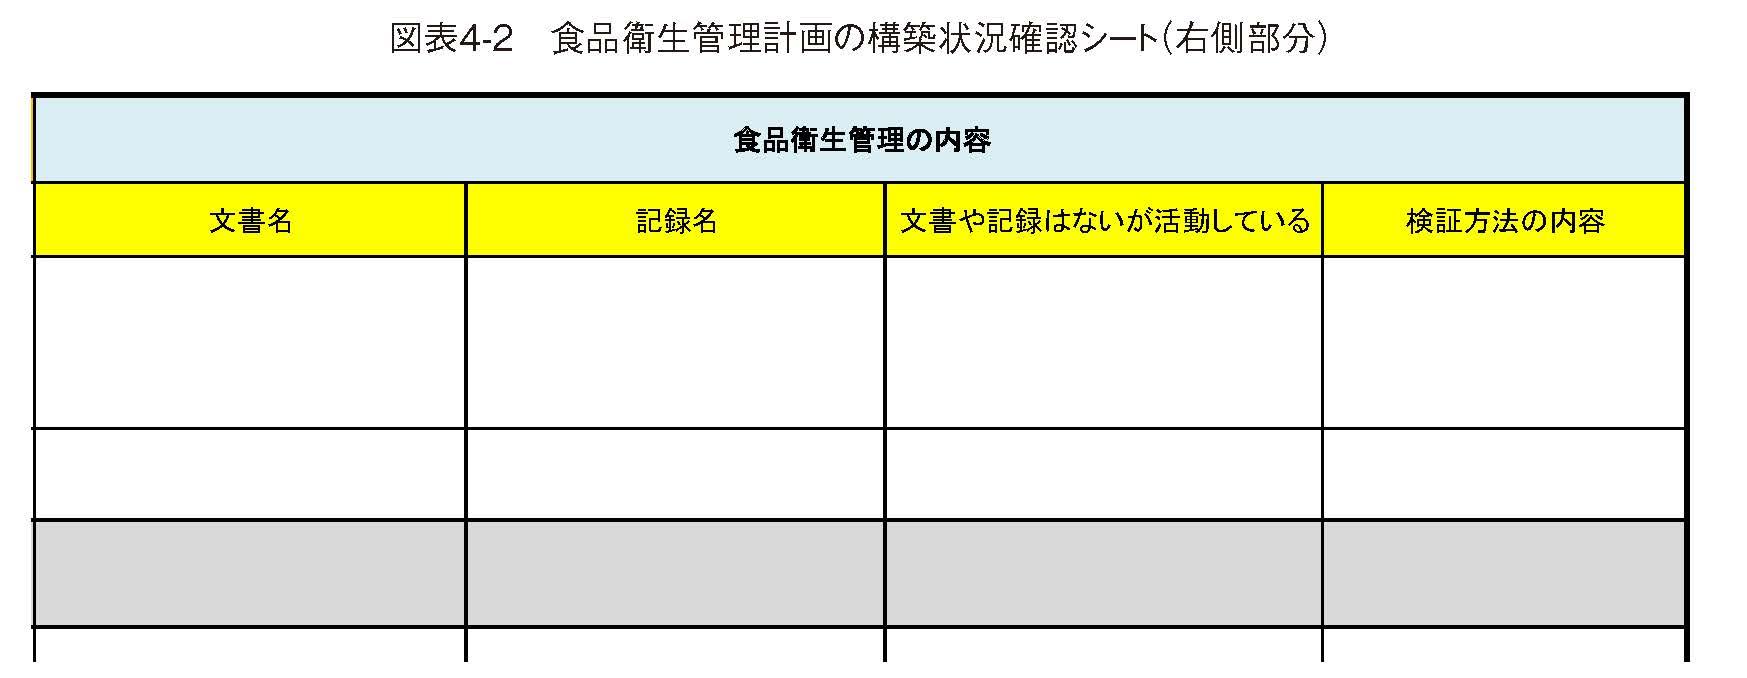 食品衛生管理計画の構築状況確認シート